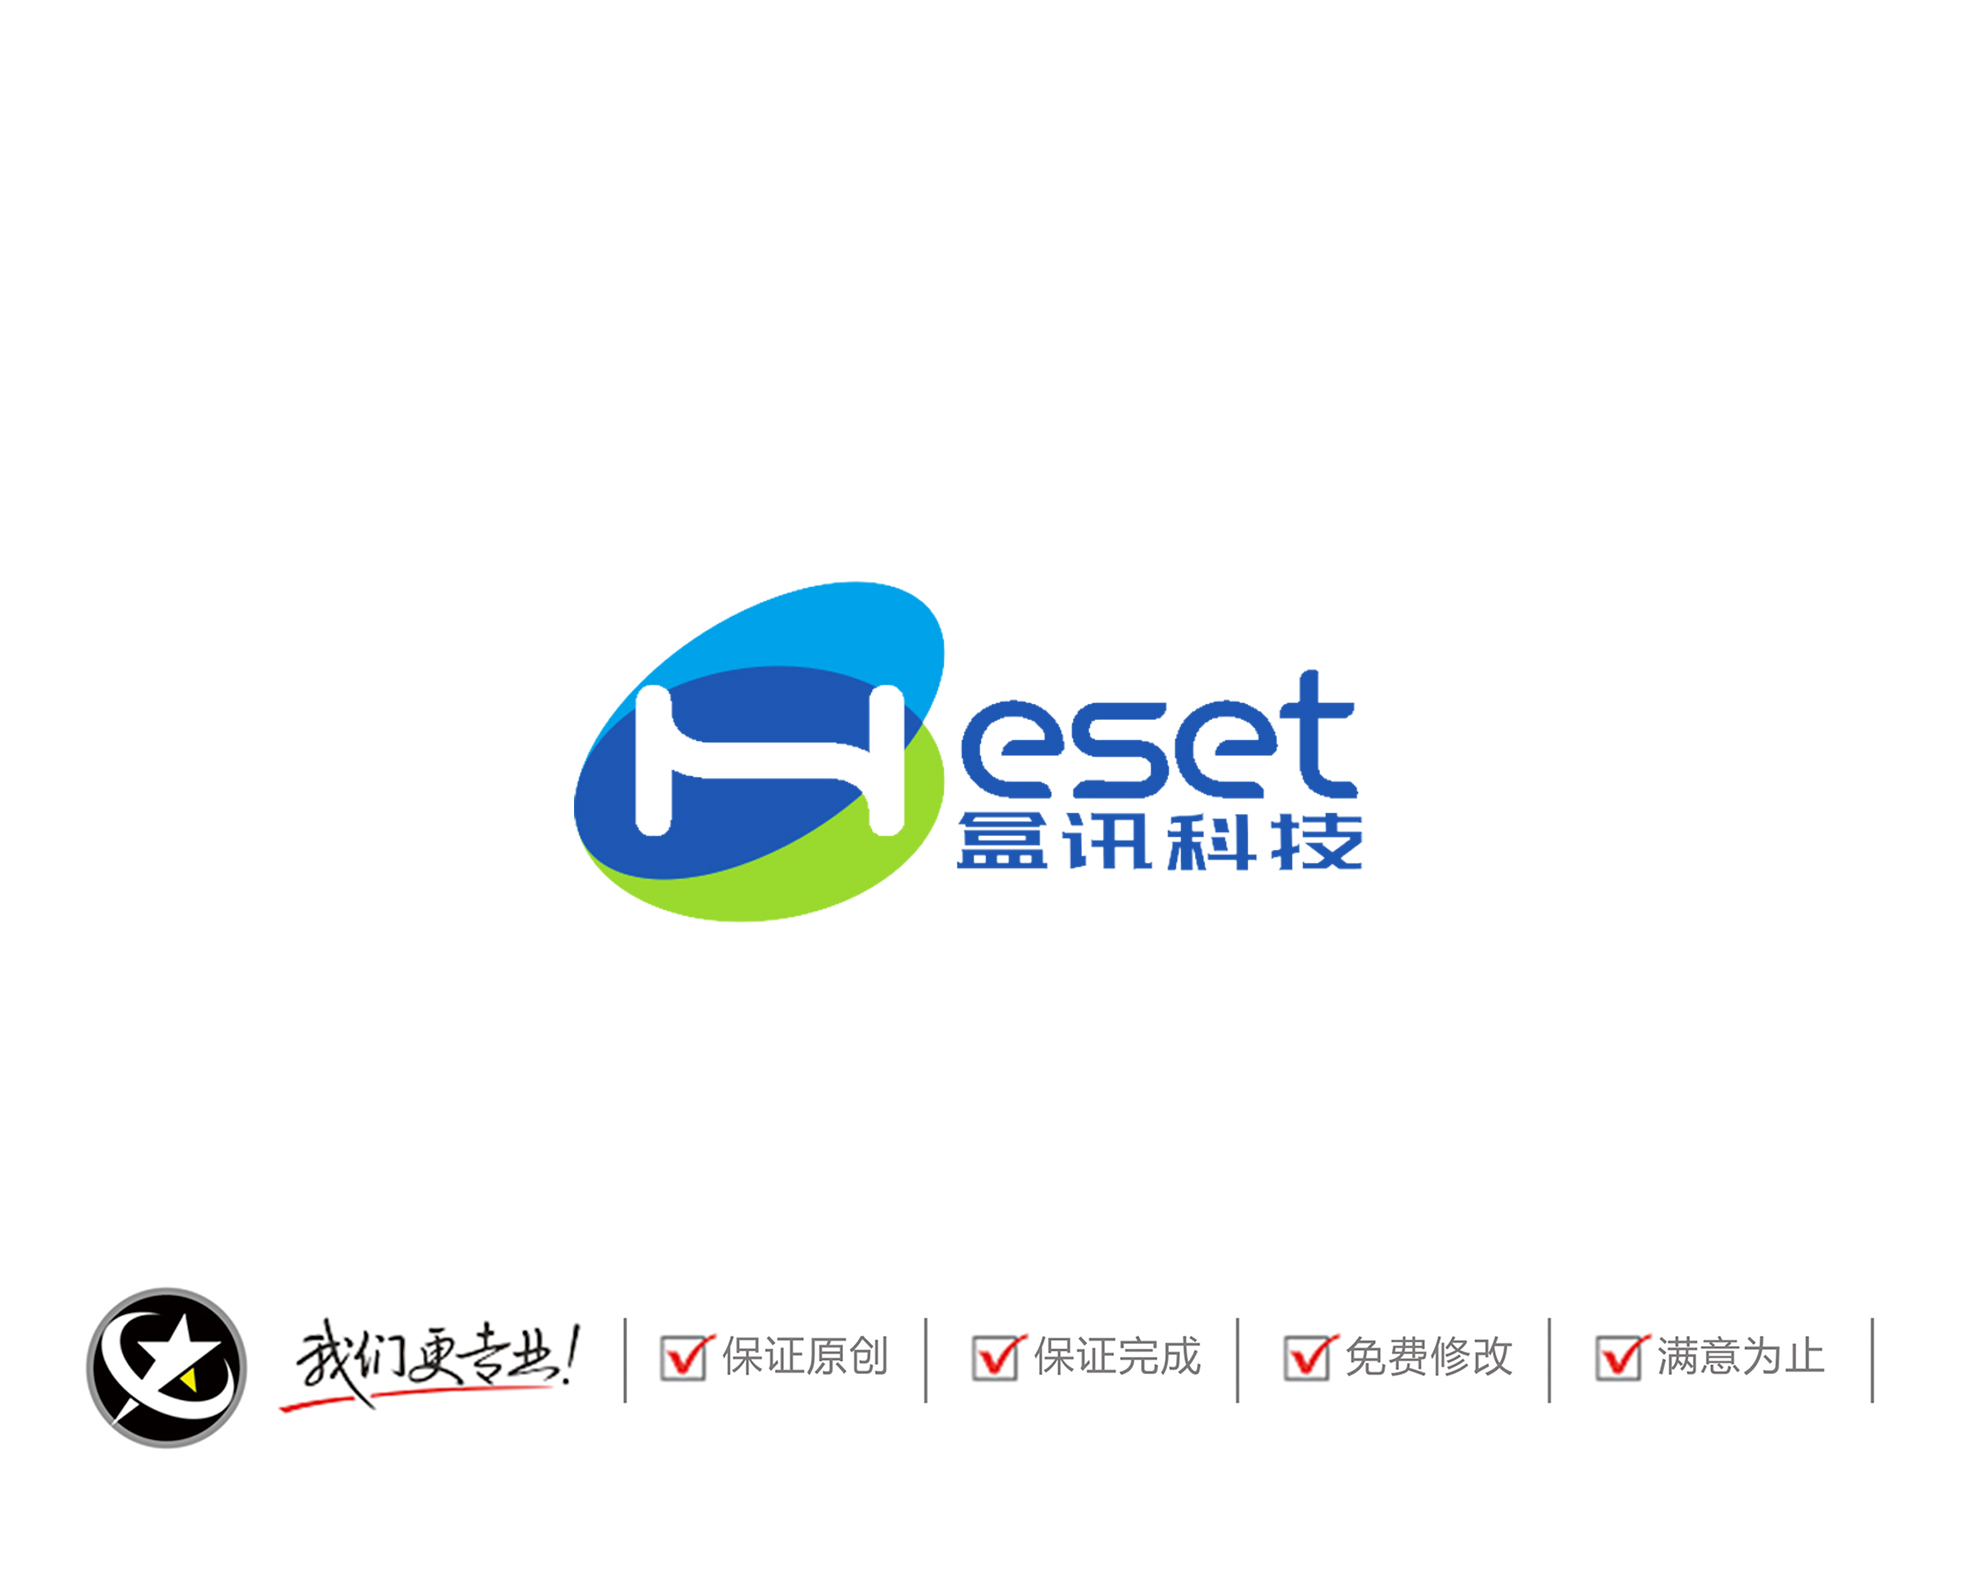 科技公司LOGO设计_3037328_k68威客网